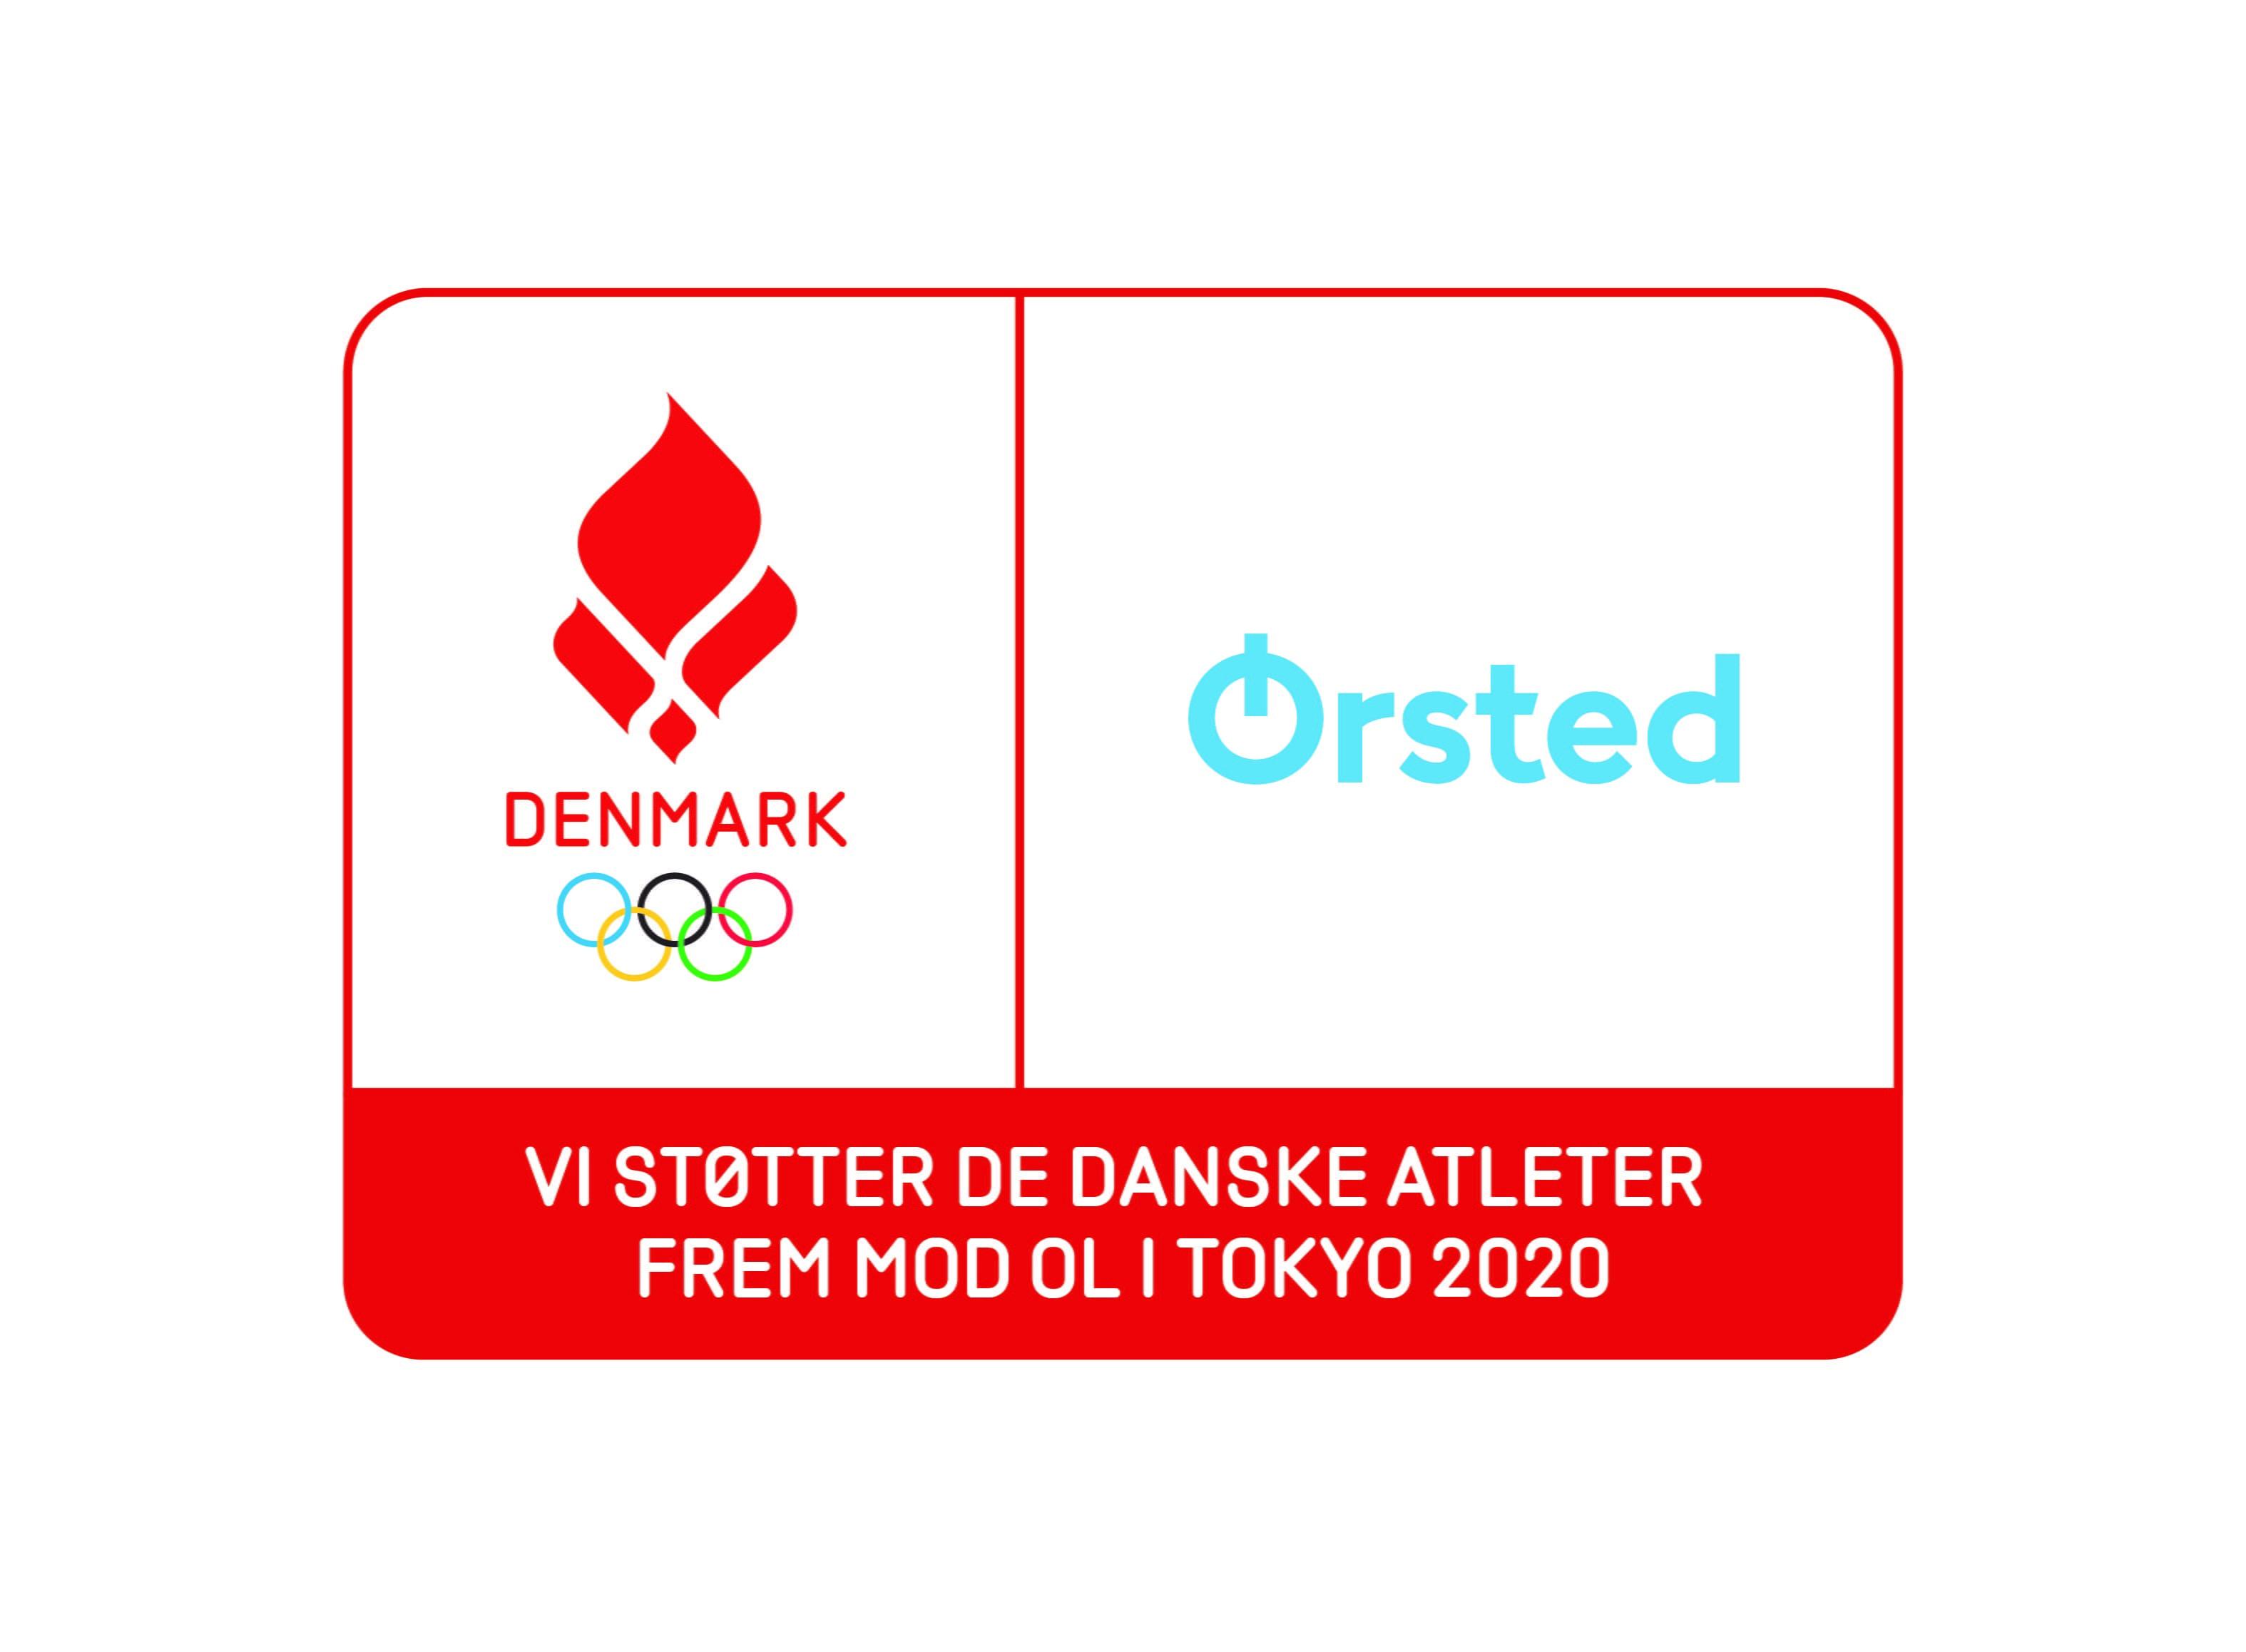 b11ea313193 Orsted fortsaetter sit olympiske partnerskab